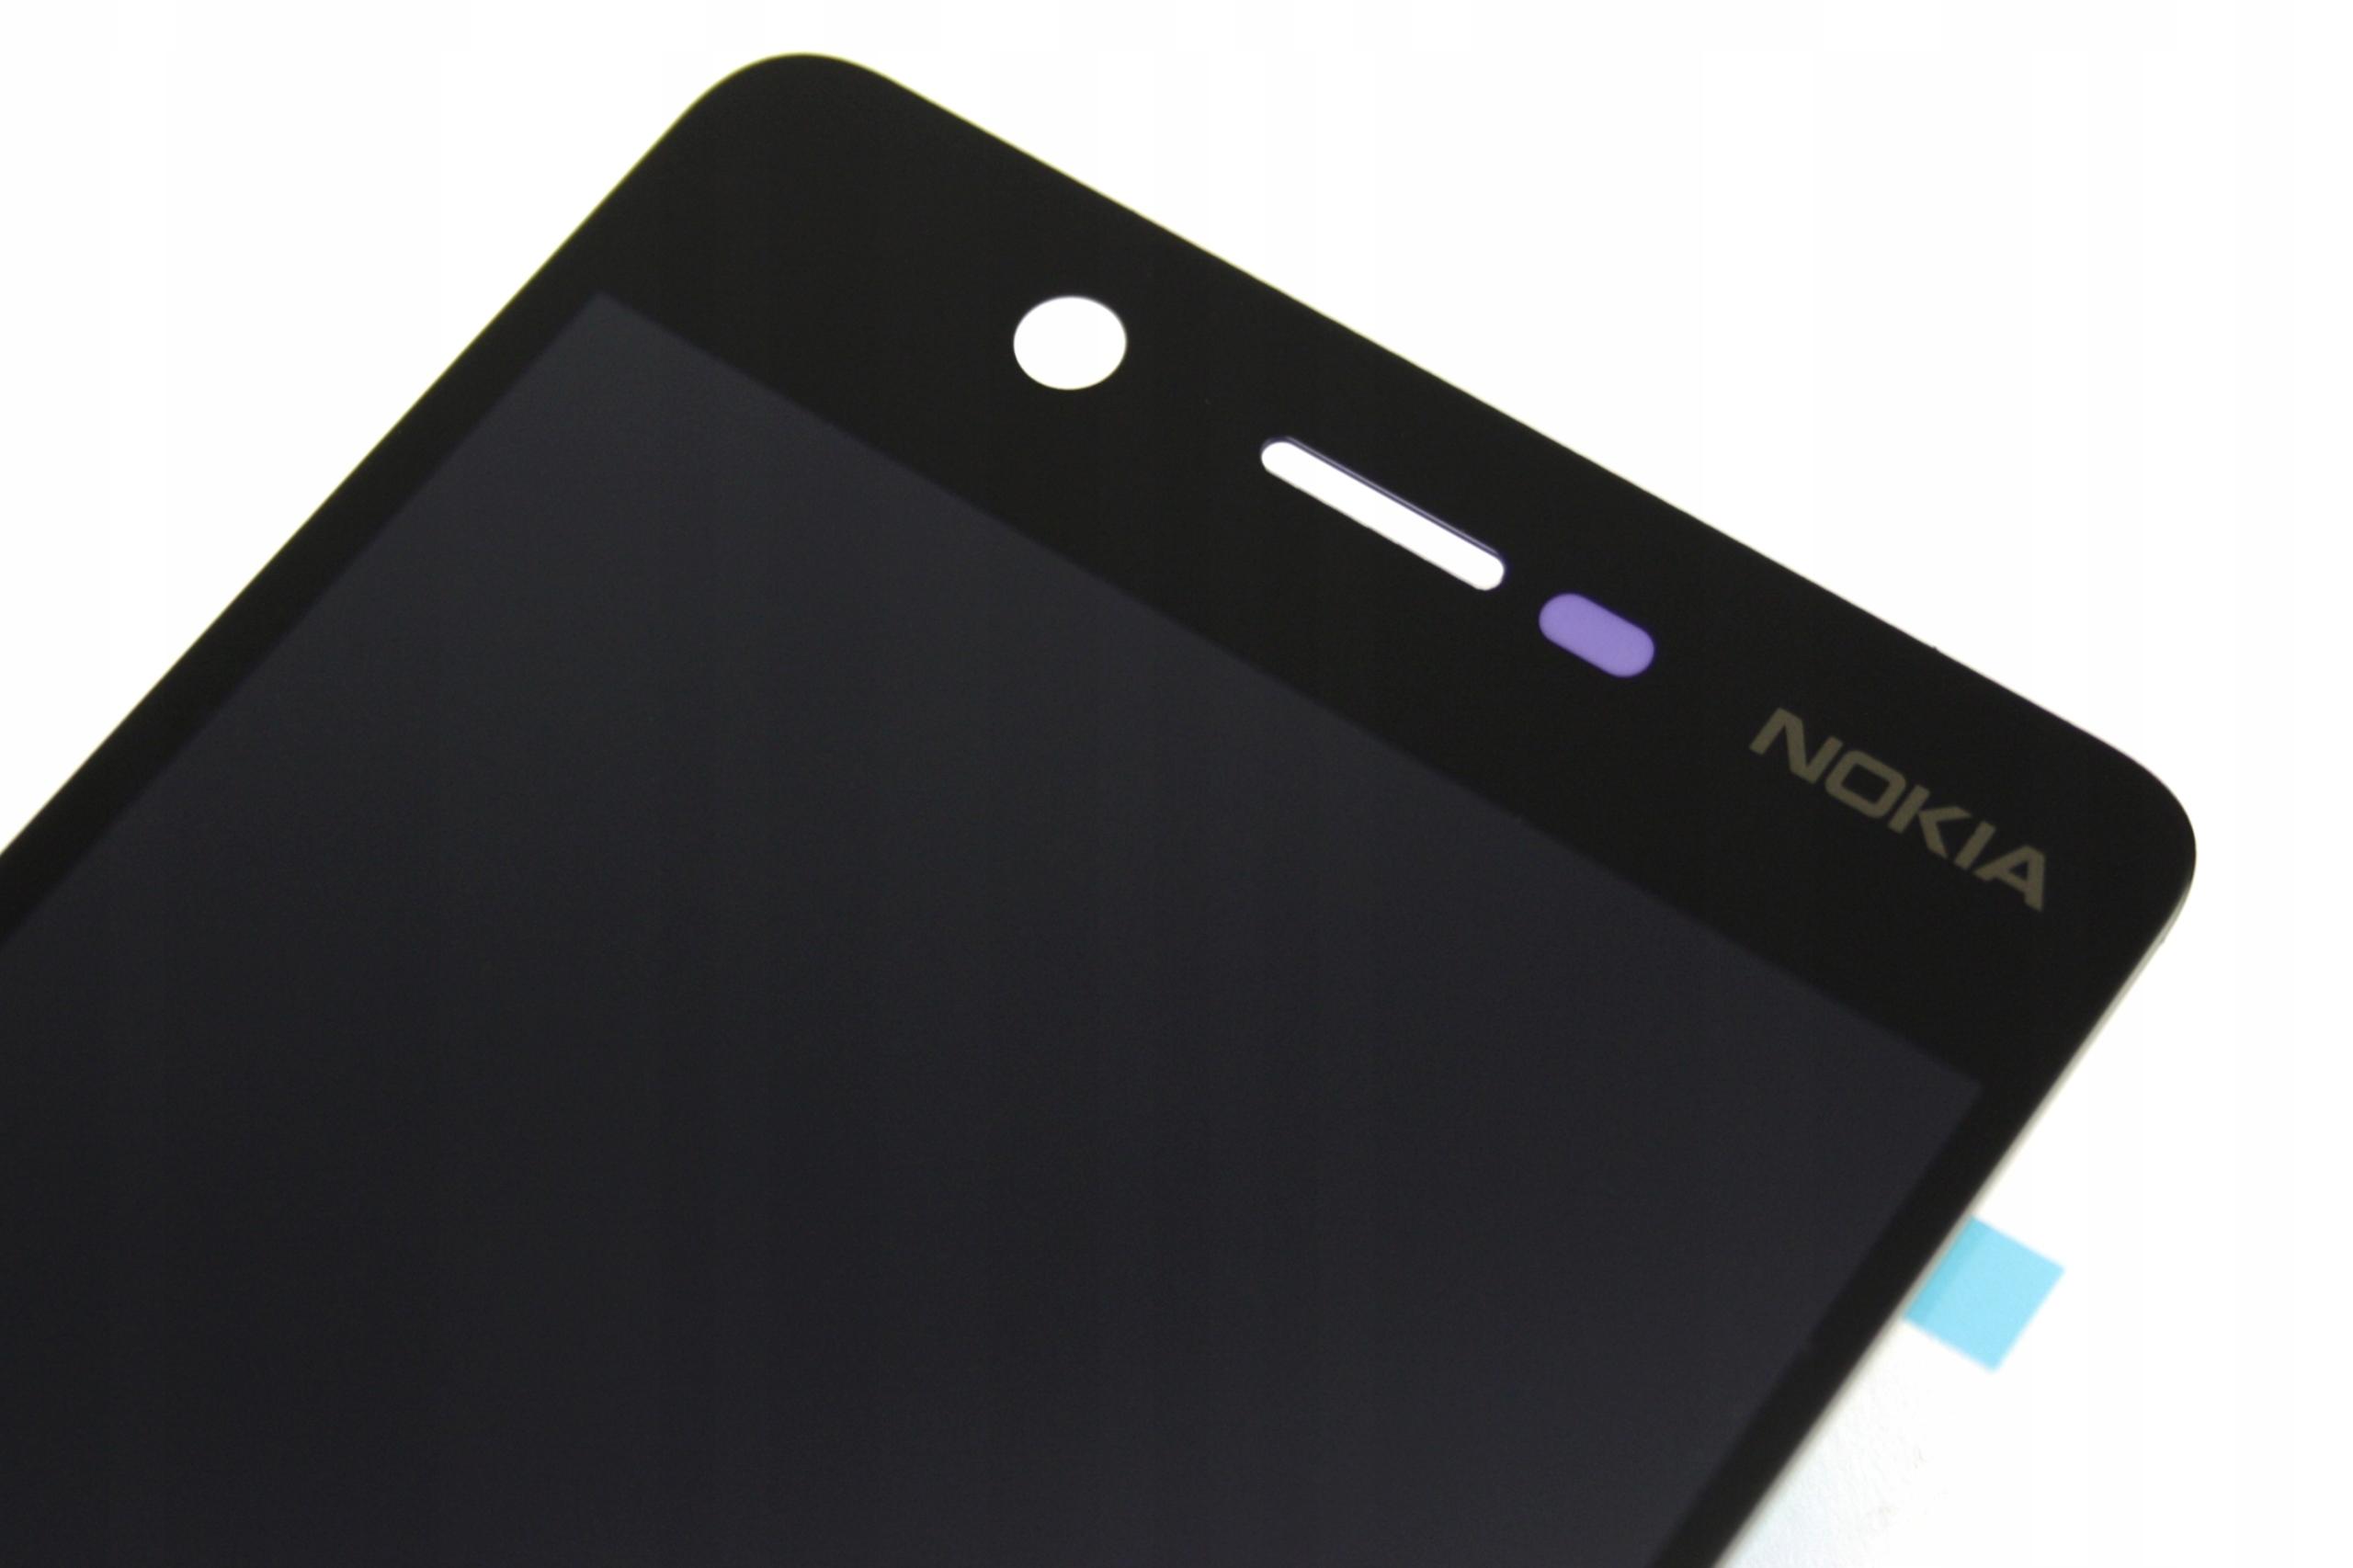 SZYBKA DOTYK LCD NOKIA 5 WYŚWIETLACZ EKRAN TA-1053